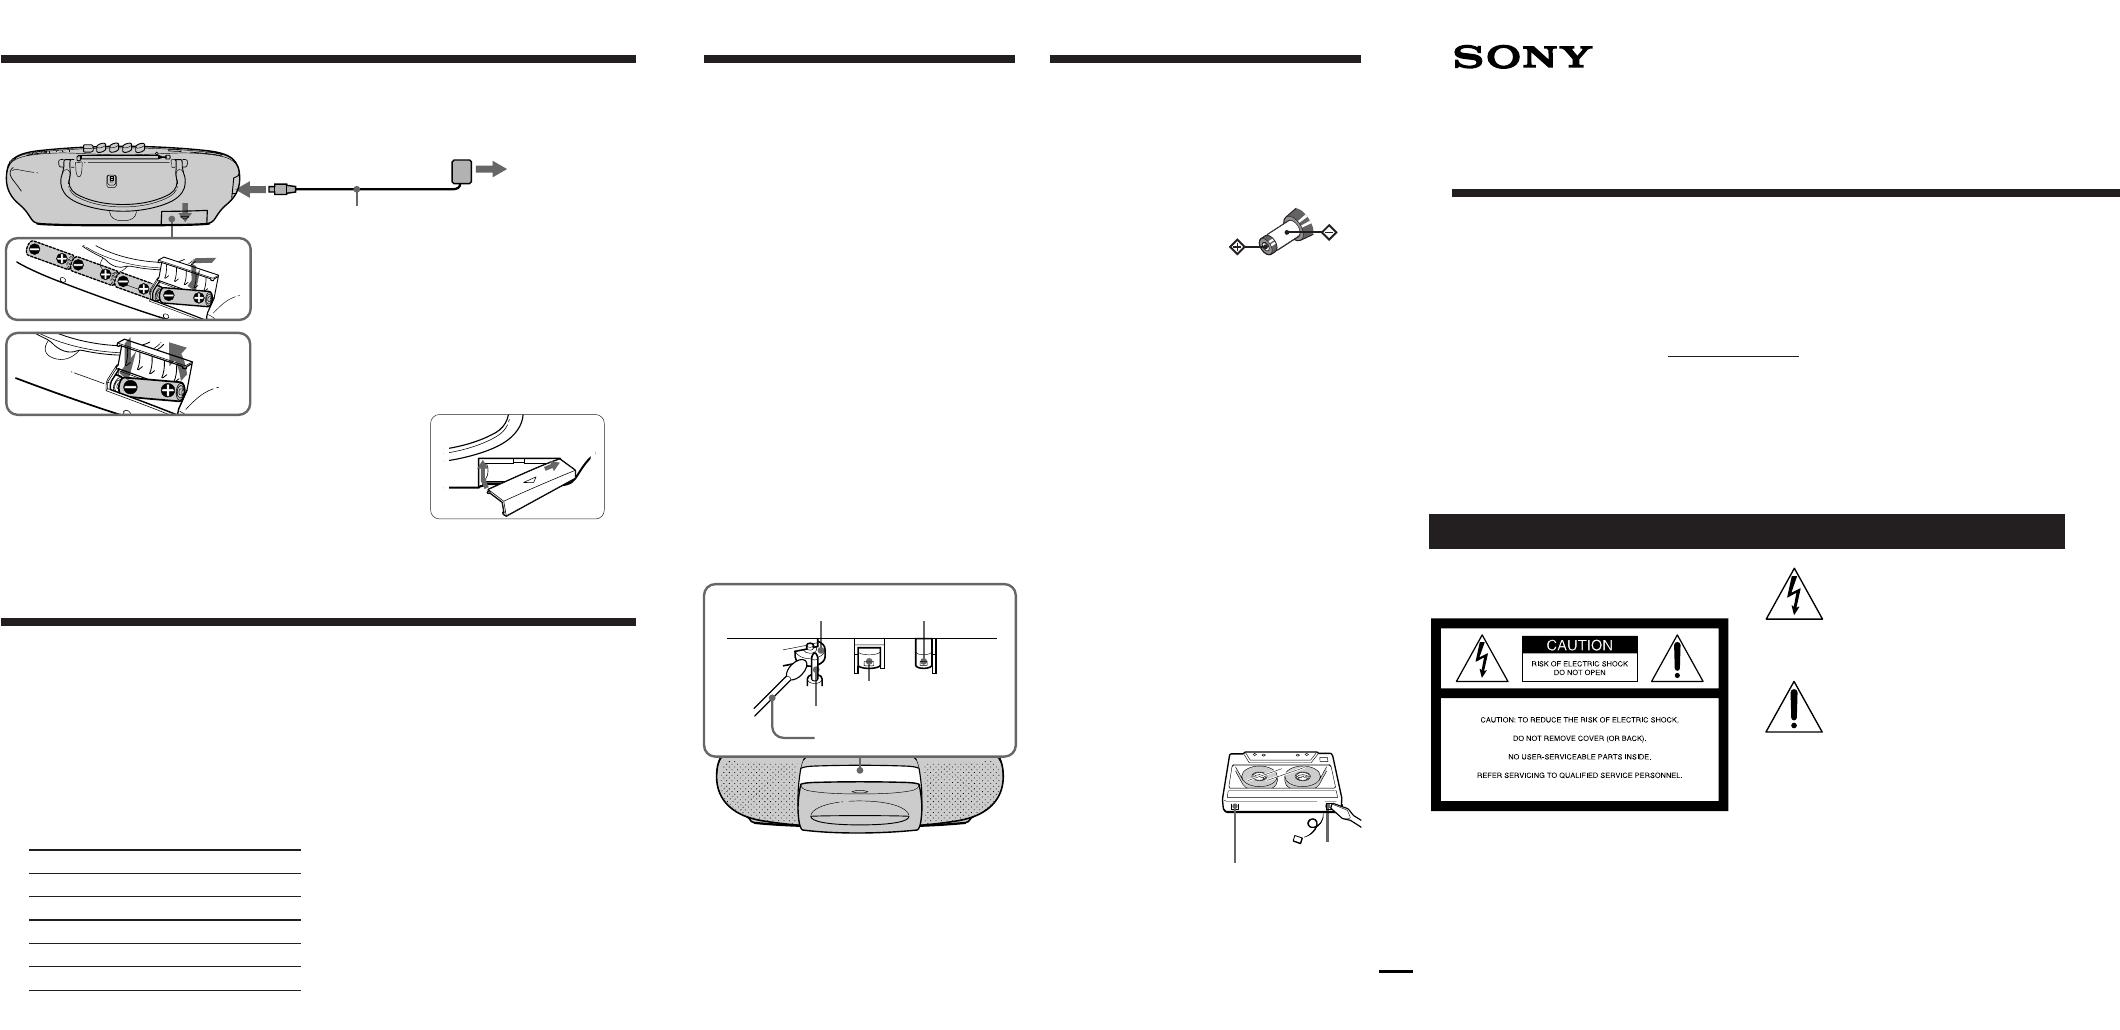 sony cassette player cfs e2 user guide manualsonline com rh audio manualsonline com Sony Sports Walkman Cassette Player Sony Portable Cassette Players